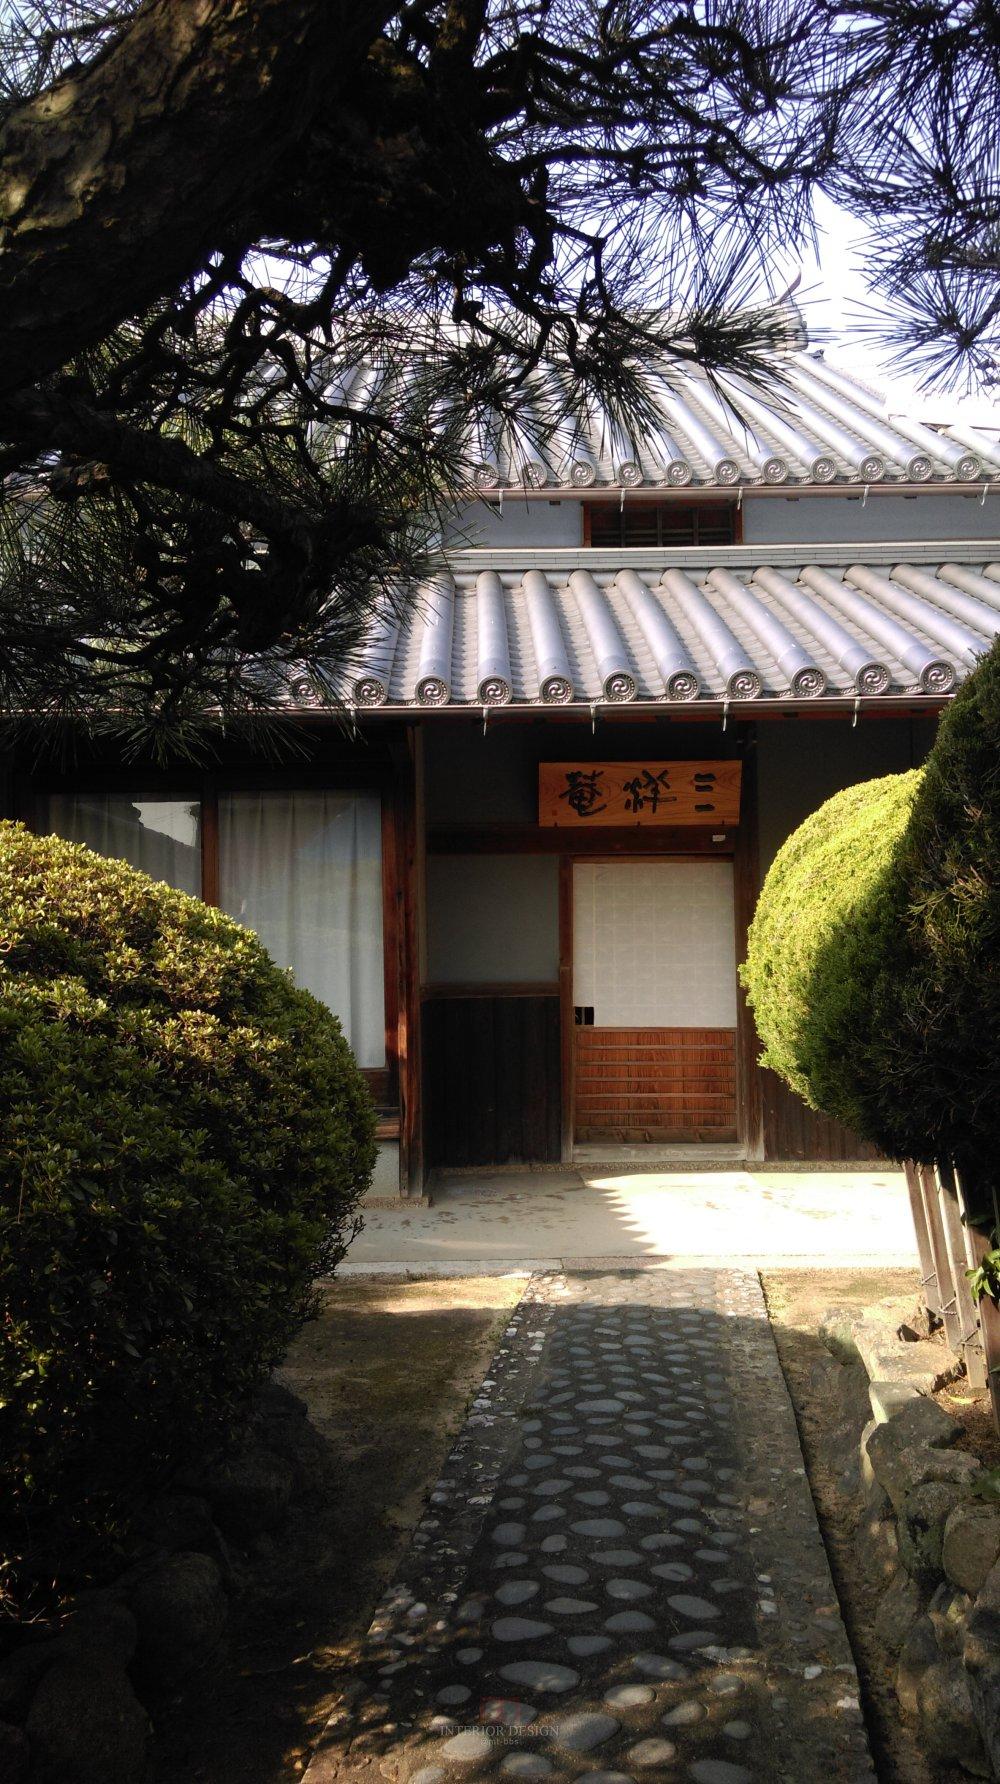 #伙伴一起看日本#  日本设计考察分享(更新美秀美术馆)_IMAG8707.jpg